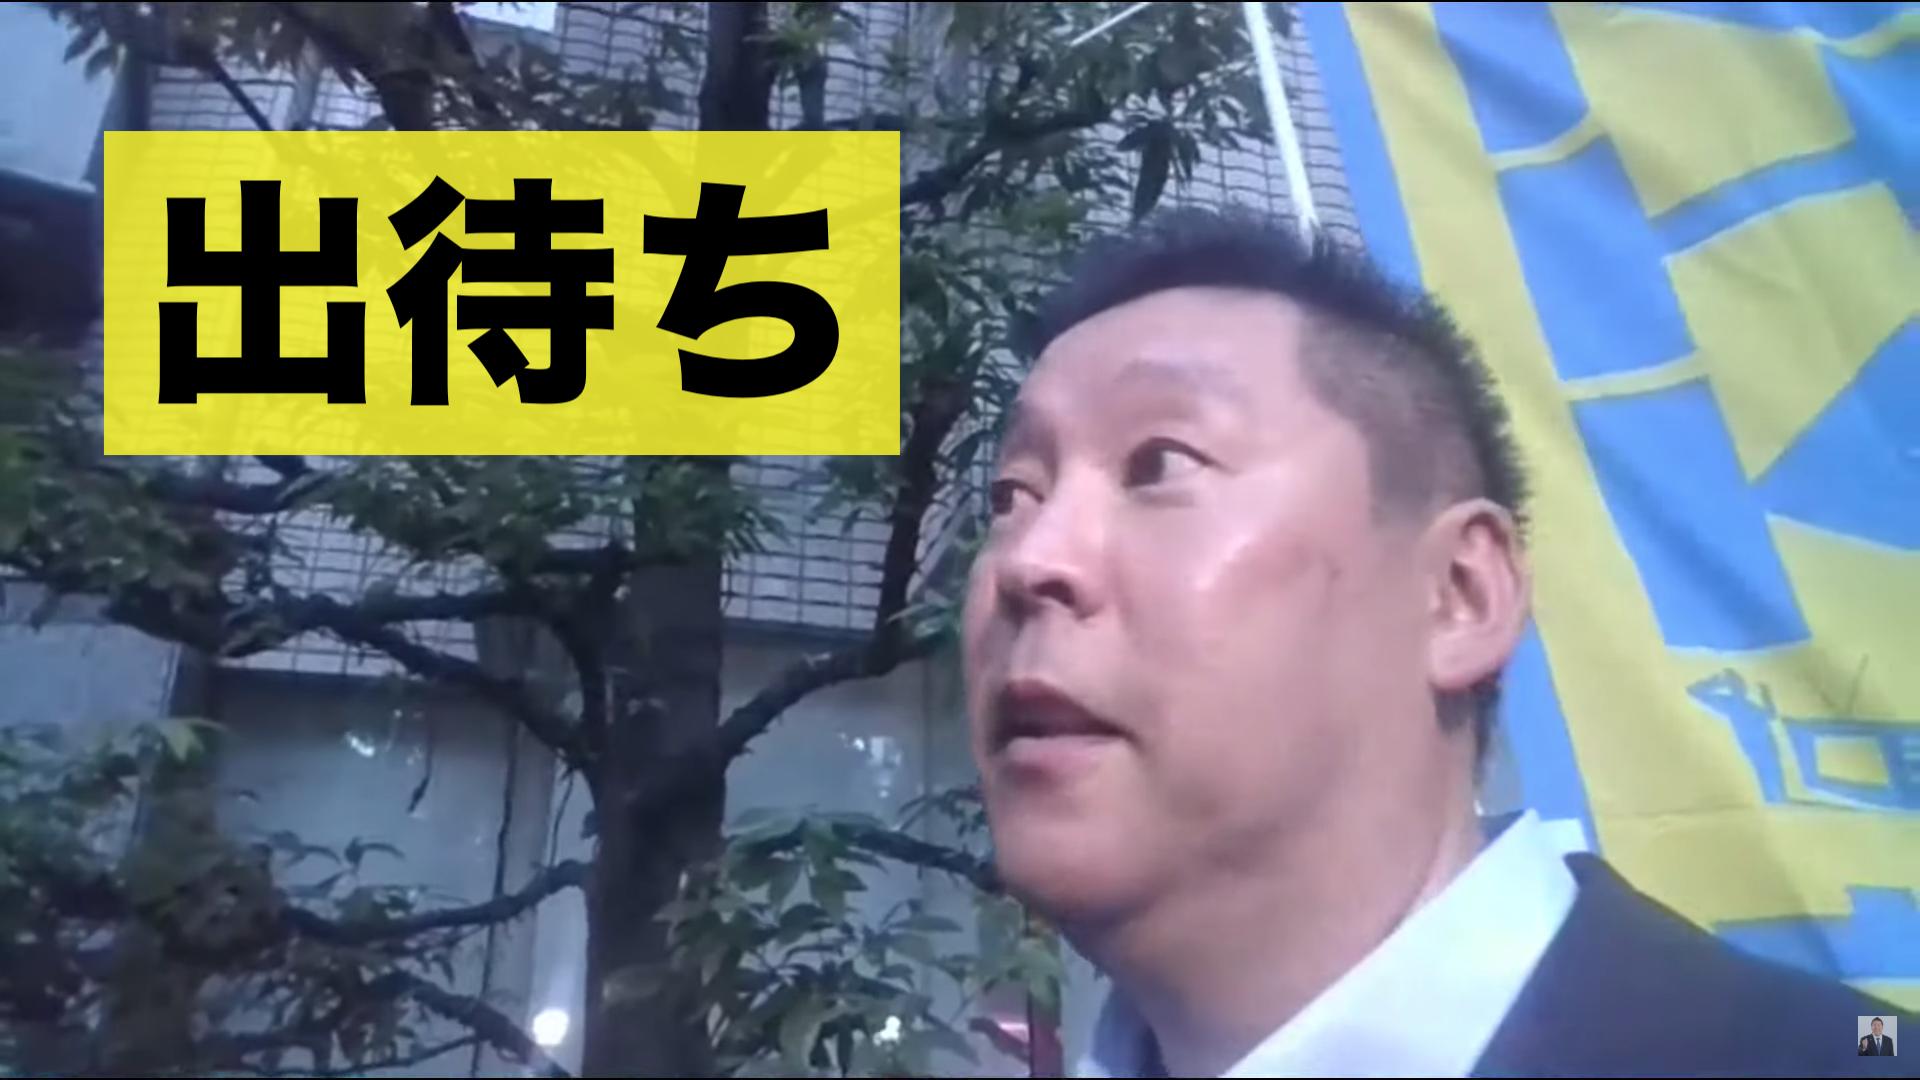 デラックス 立花 孝志 マツコ 【緊急事態】マツコデラックス激怒か /